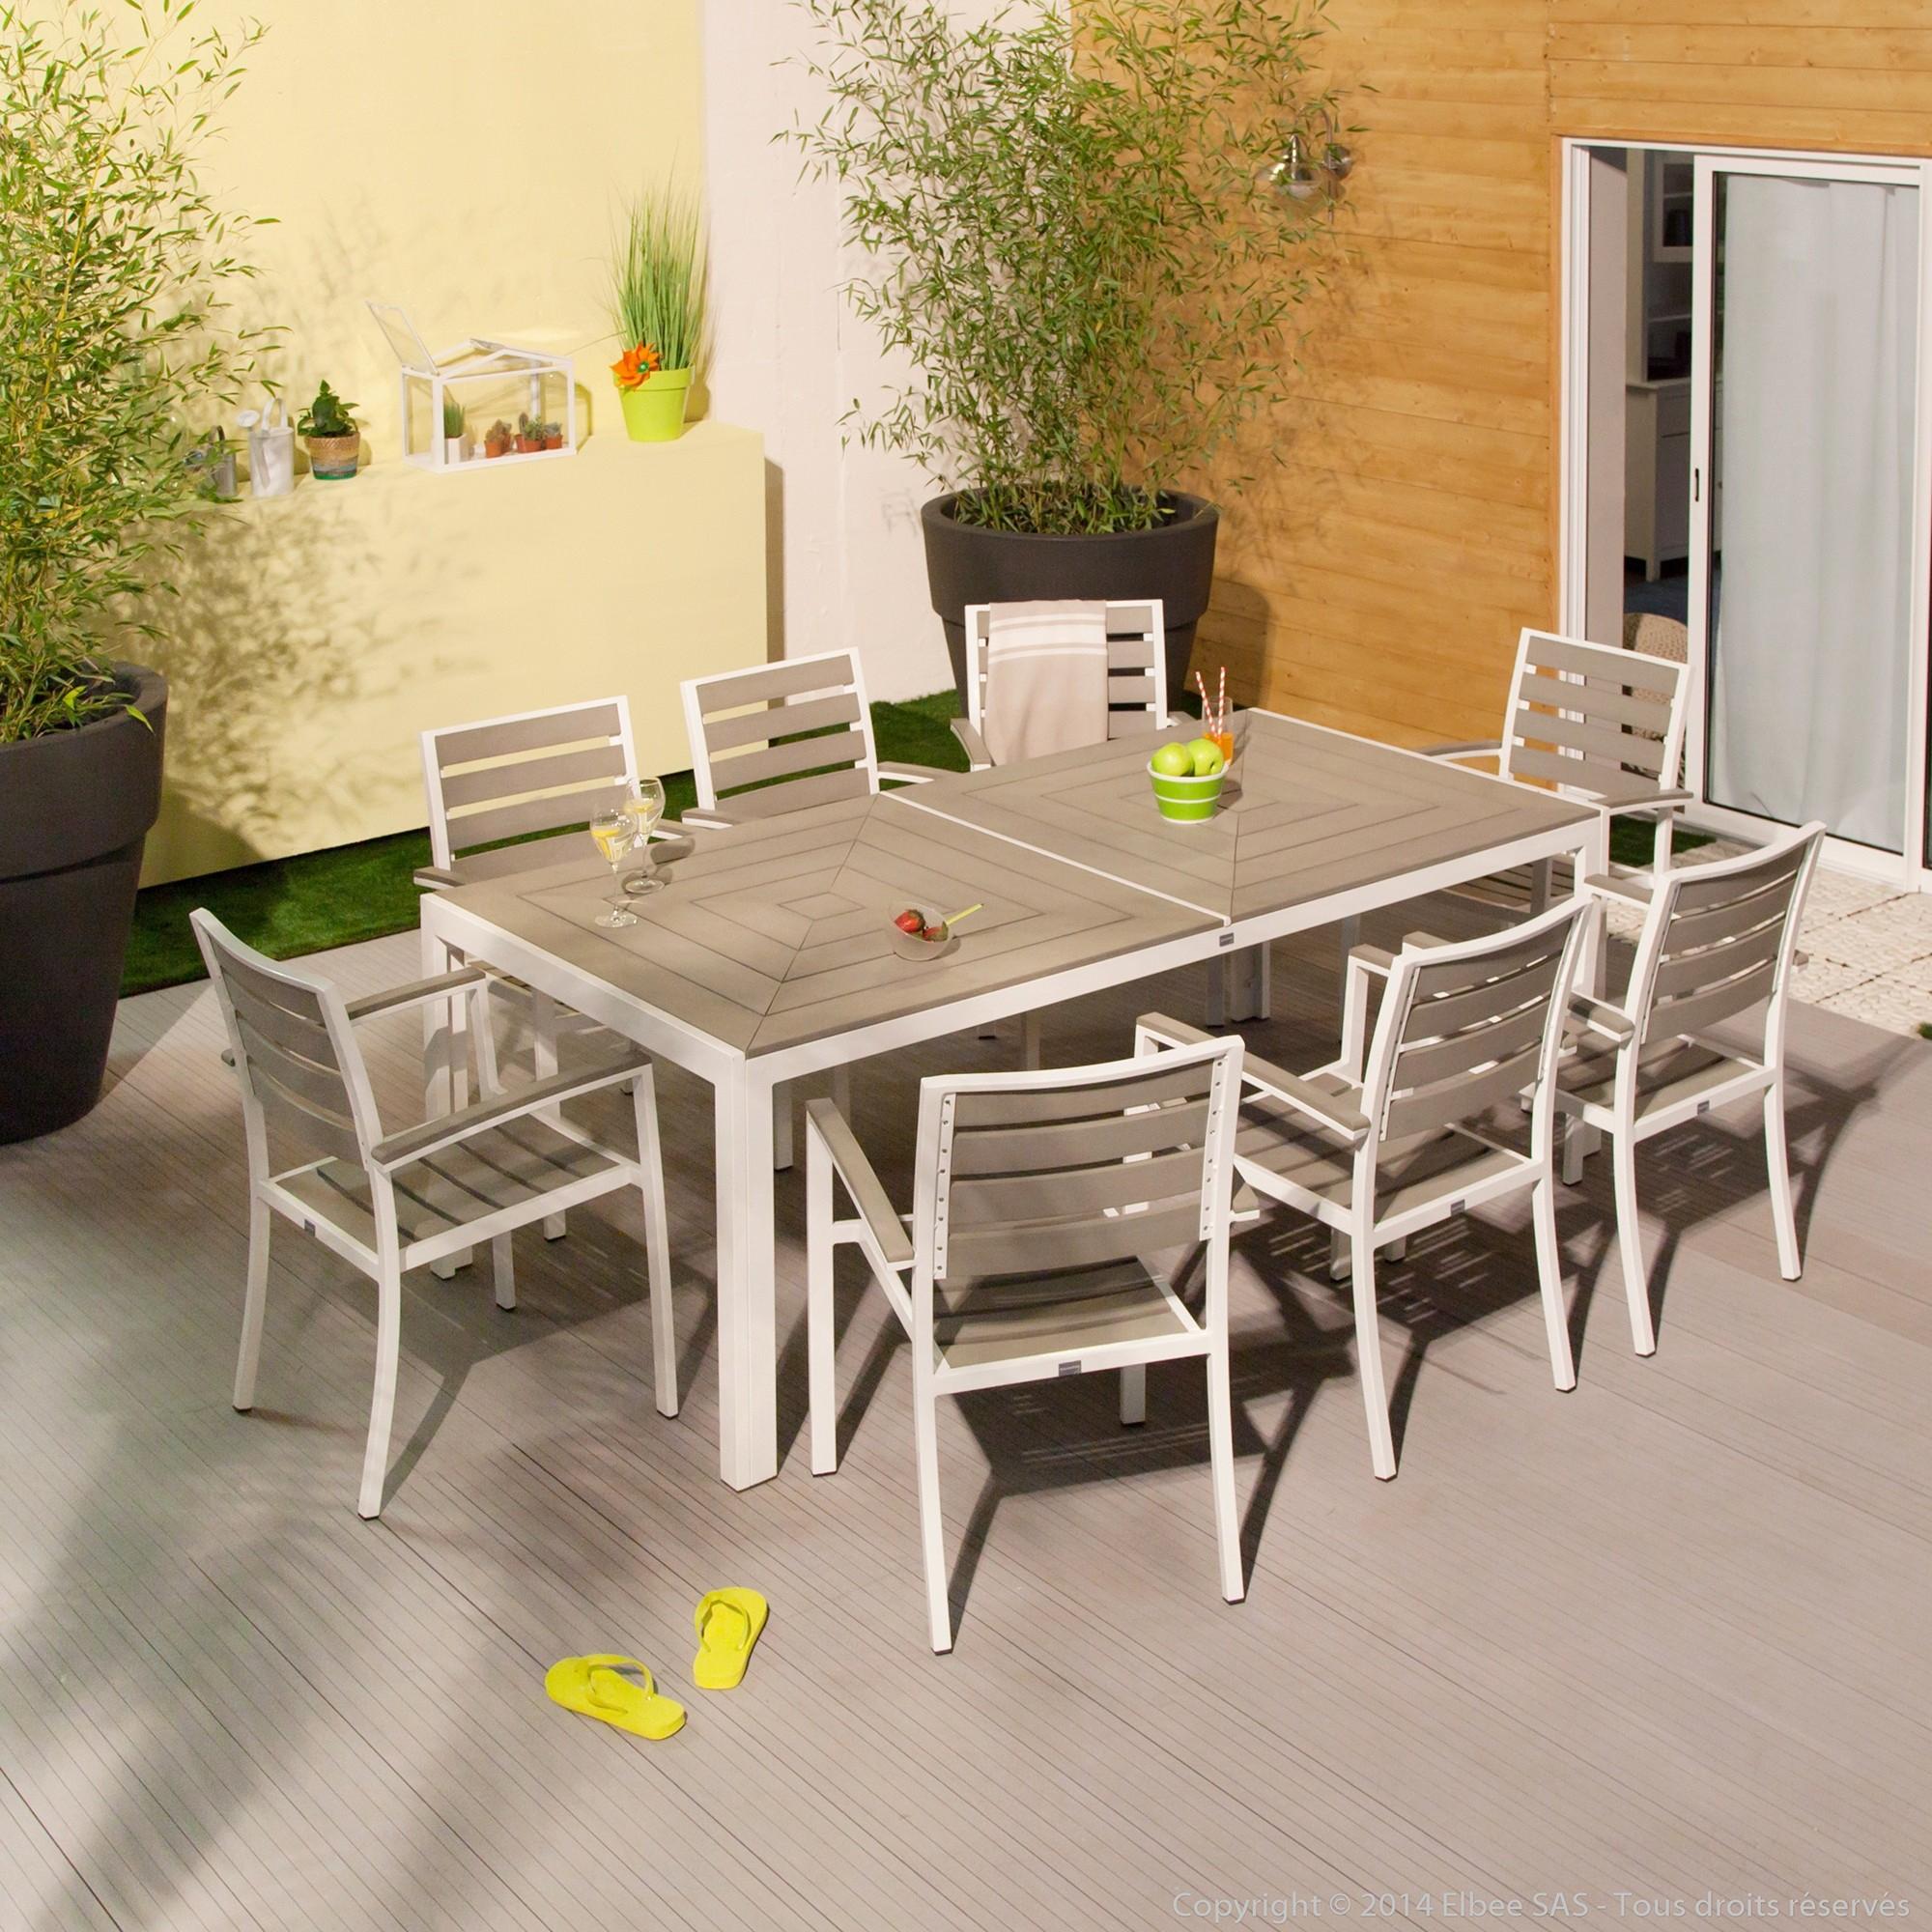 Finlandek Salon De Jardin Beau Stock Salon De Jardin Castorama ›› Page 0